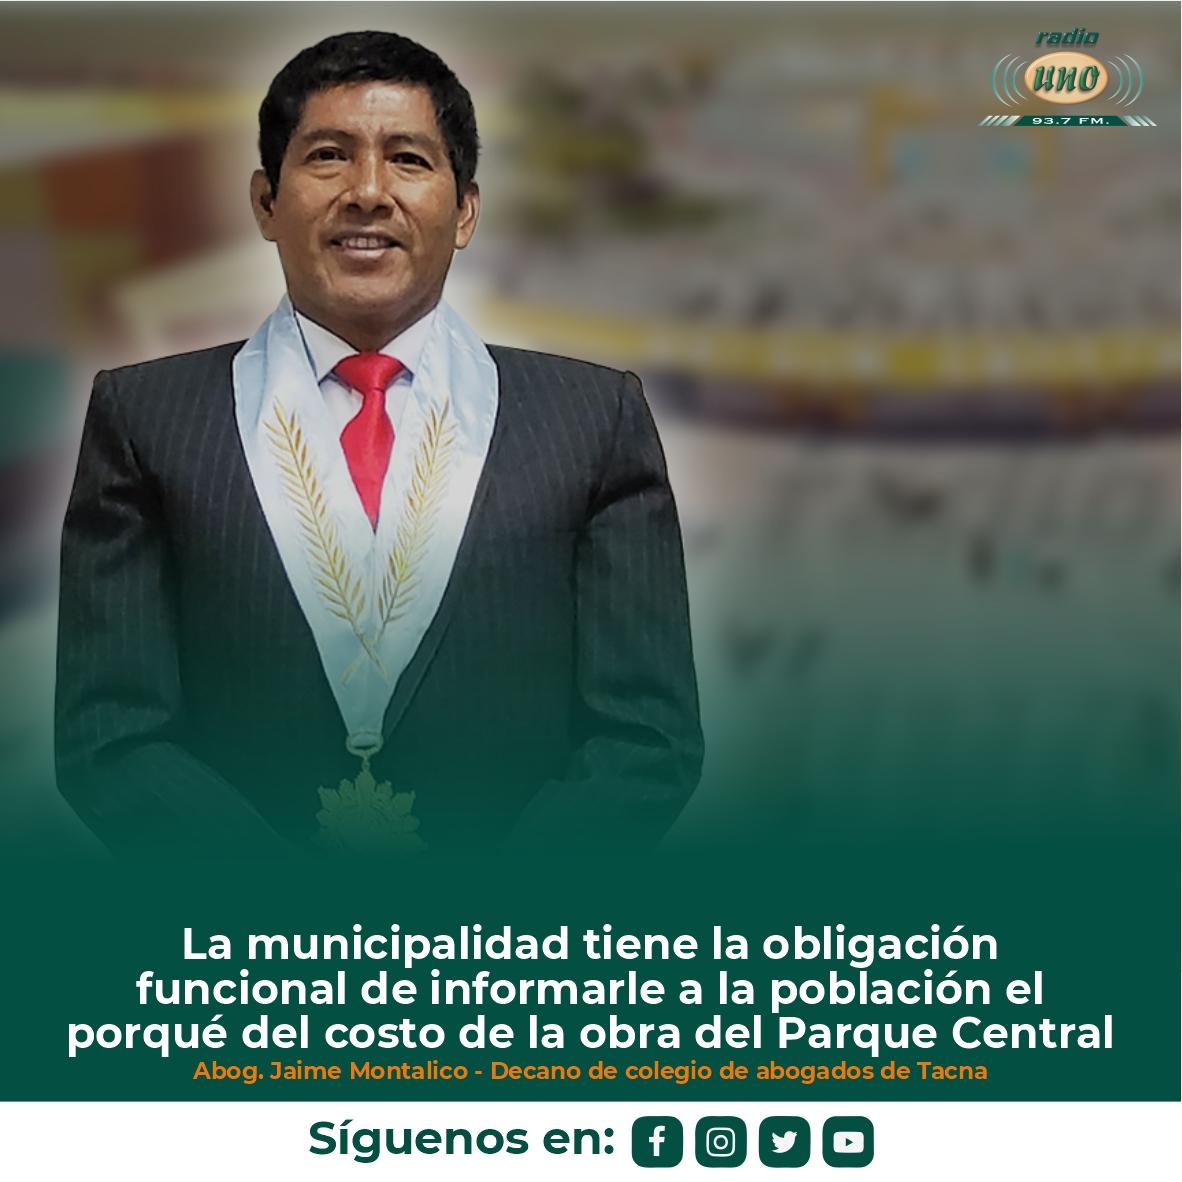 La municipalidad tiene la obligación funcional de informarle a la población el porqué del costo de la obra del Parque Central